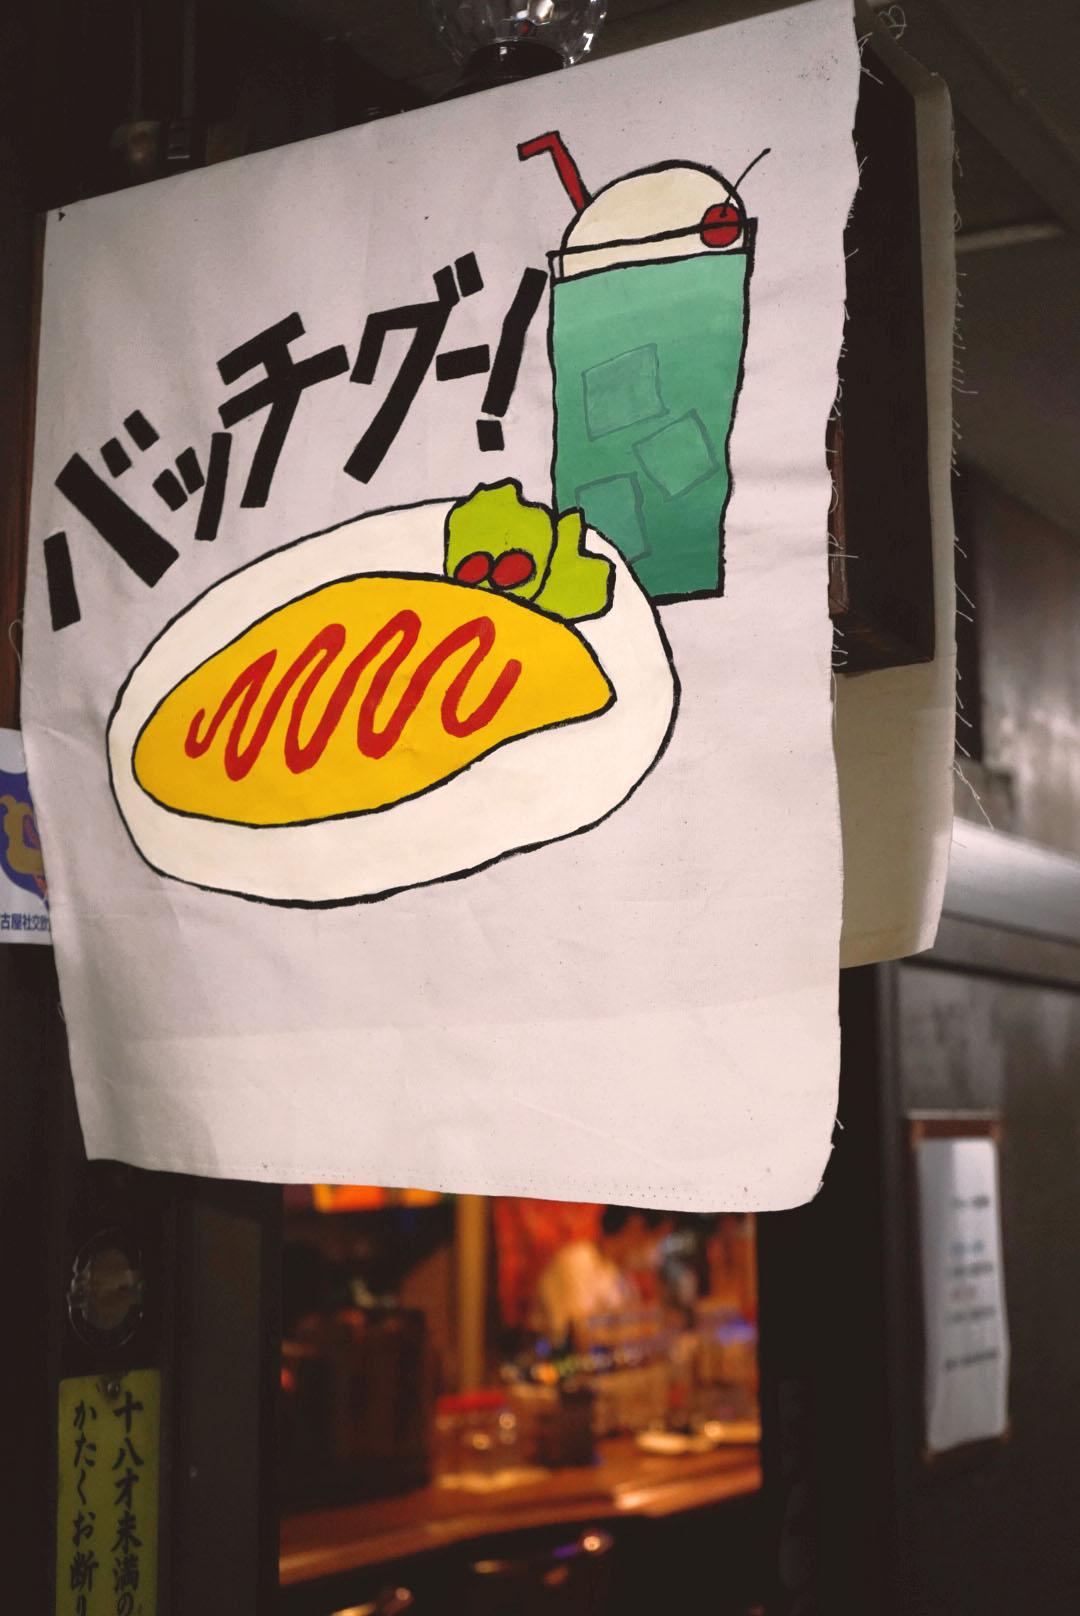 名古屋・栄に新オープン!オムライス×クリームソーダが楽しめる隠れ家店「バッチグー!」で幸せを食べてきました - DSC01948